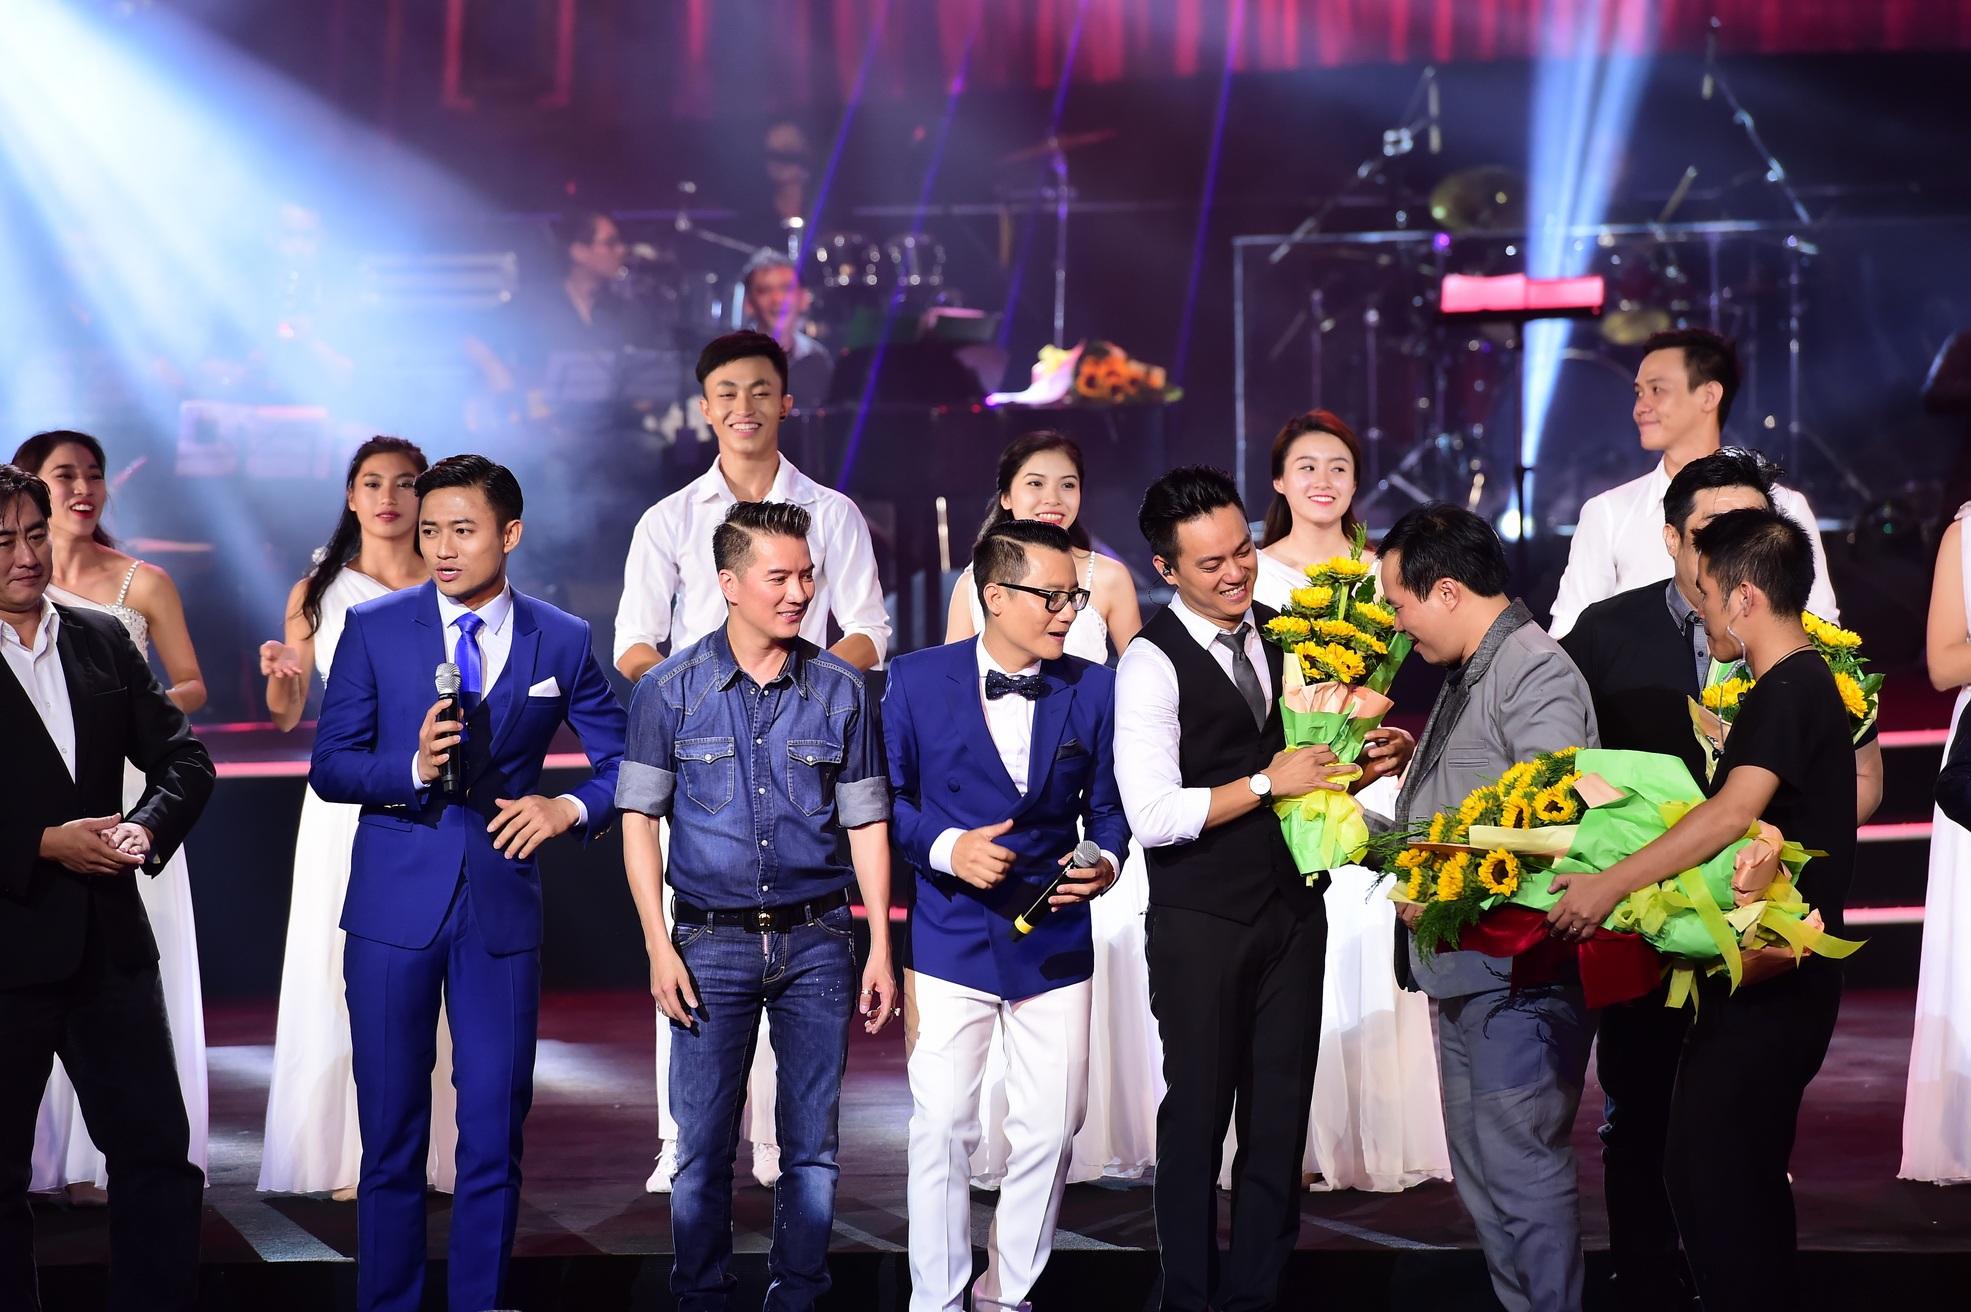 Đêm nhạc được dàn dựng đơn giản, tinh tế với những giọng hát đầy nội lực và tình cảm của các ca sĩ đã khép lại, đọng lại là những cảm xúc thăng hoa với âm nhạc.